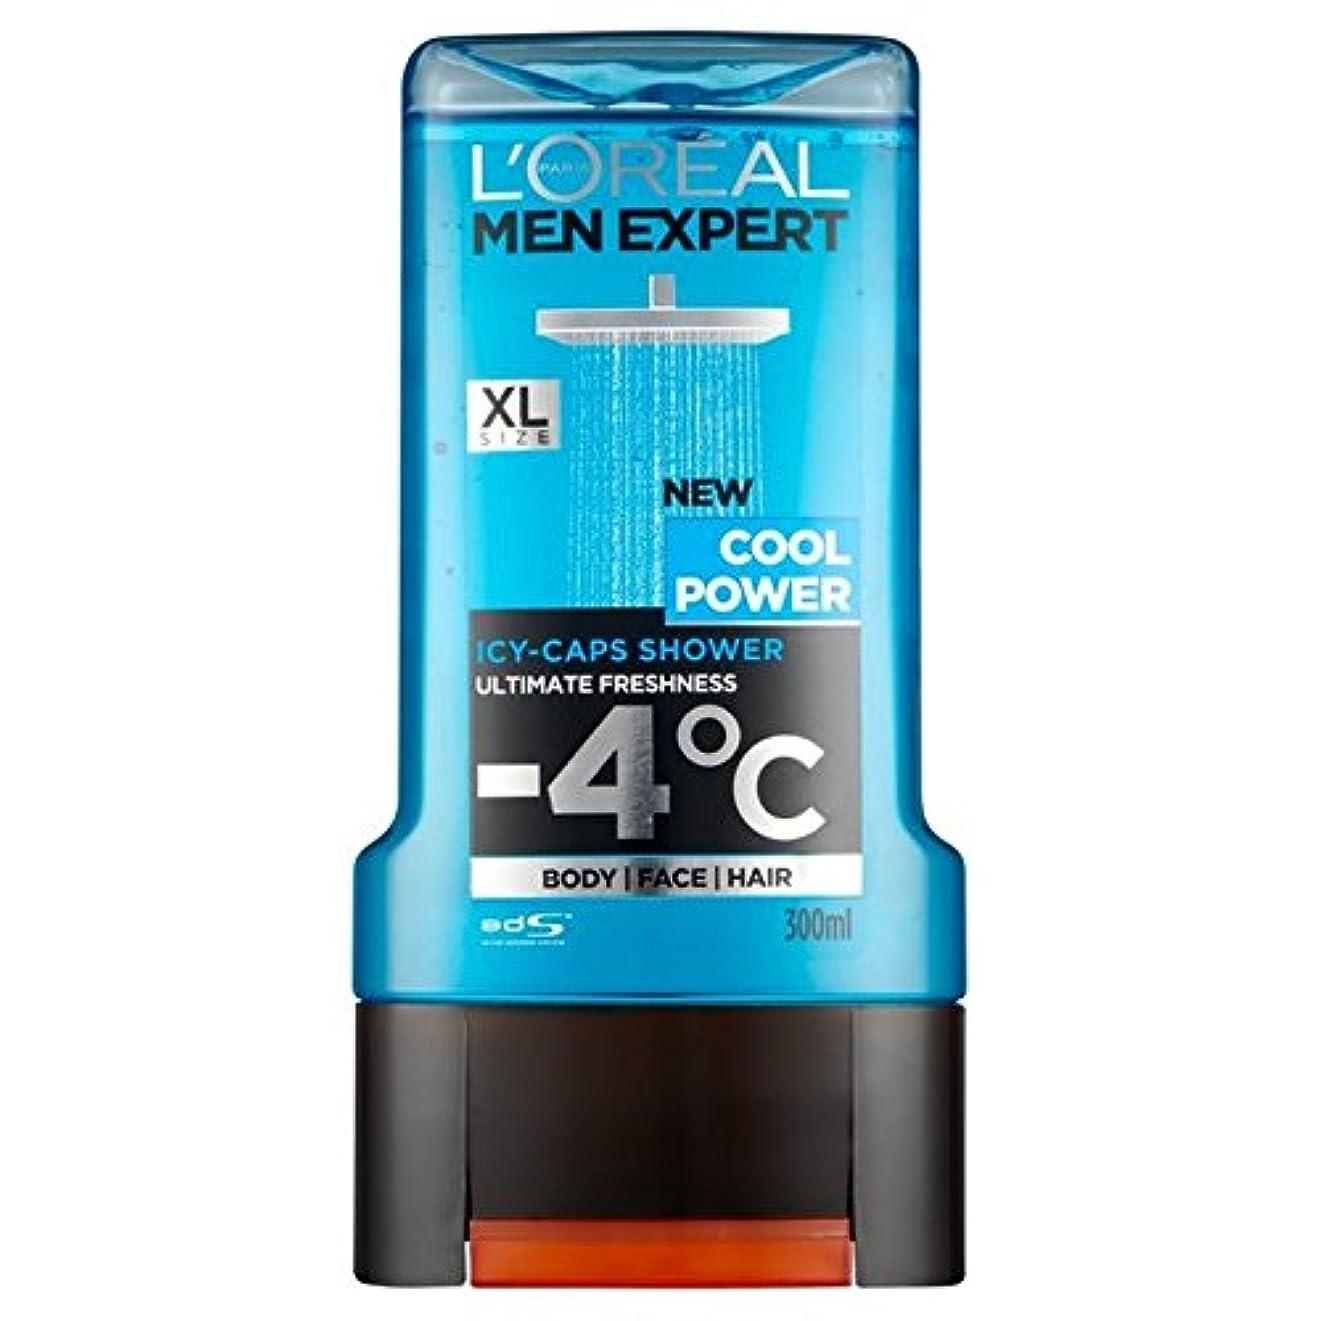 サイレン再生星L'Oreal Paris Men Expert Cool Power Shower Gel 300ml - ロレアルパリの男性の専門家のクールなパワーシャワージェル300ミリリットル [並行輸入品]